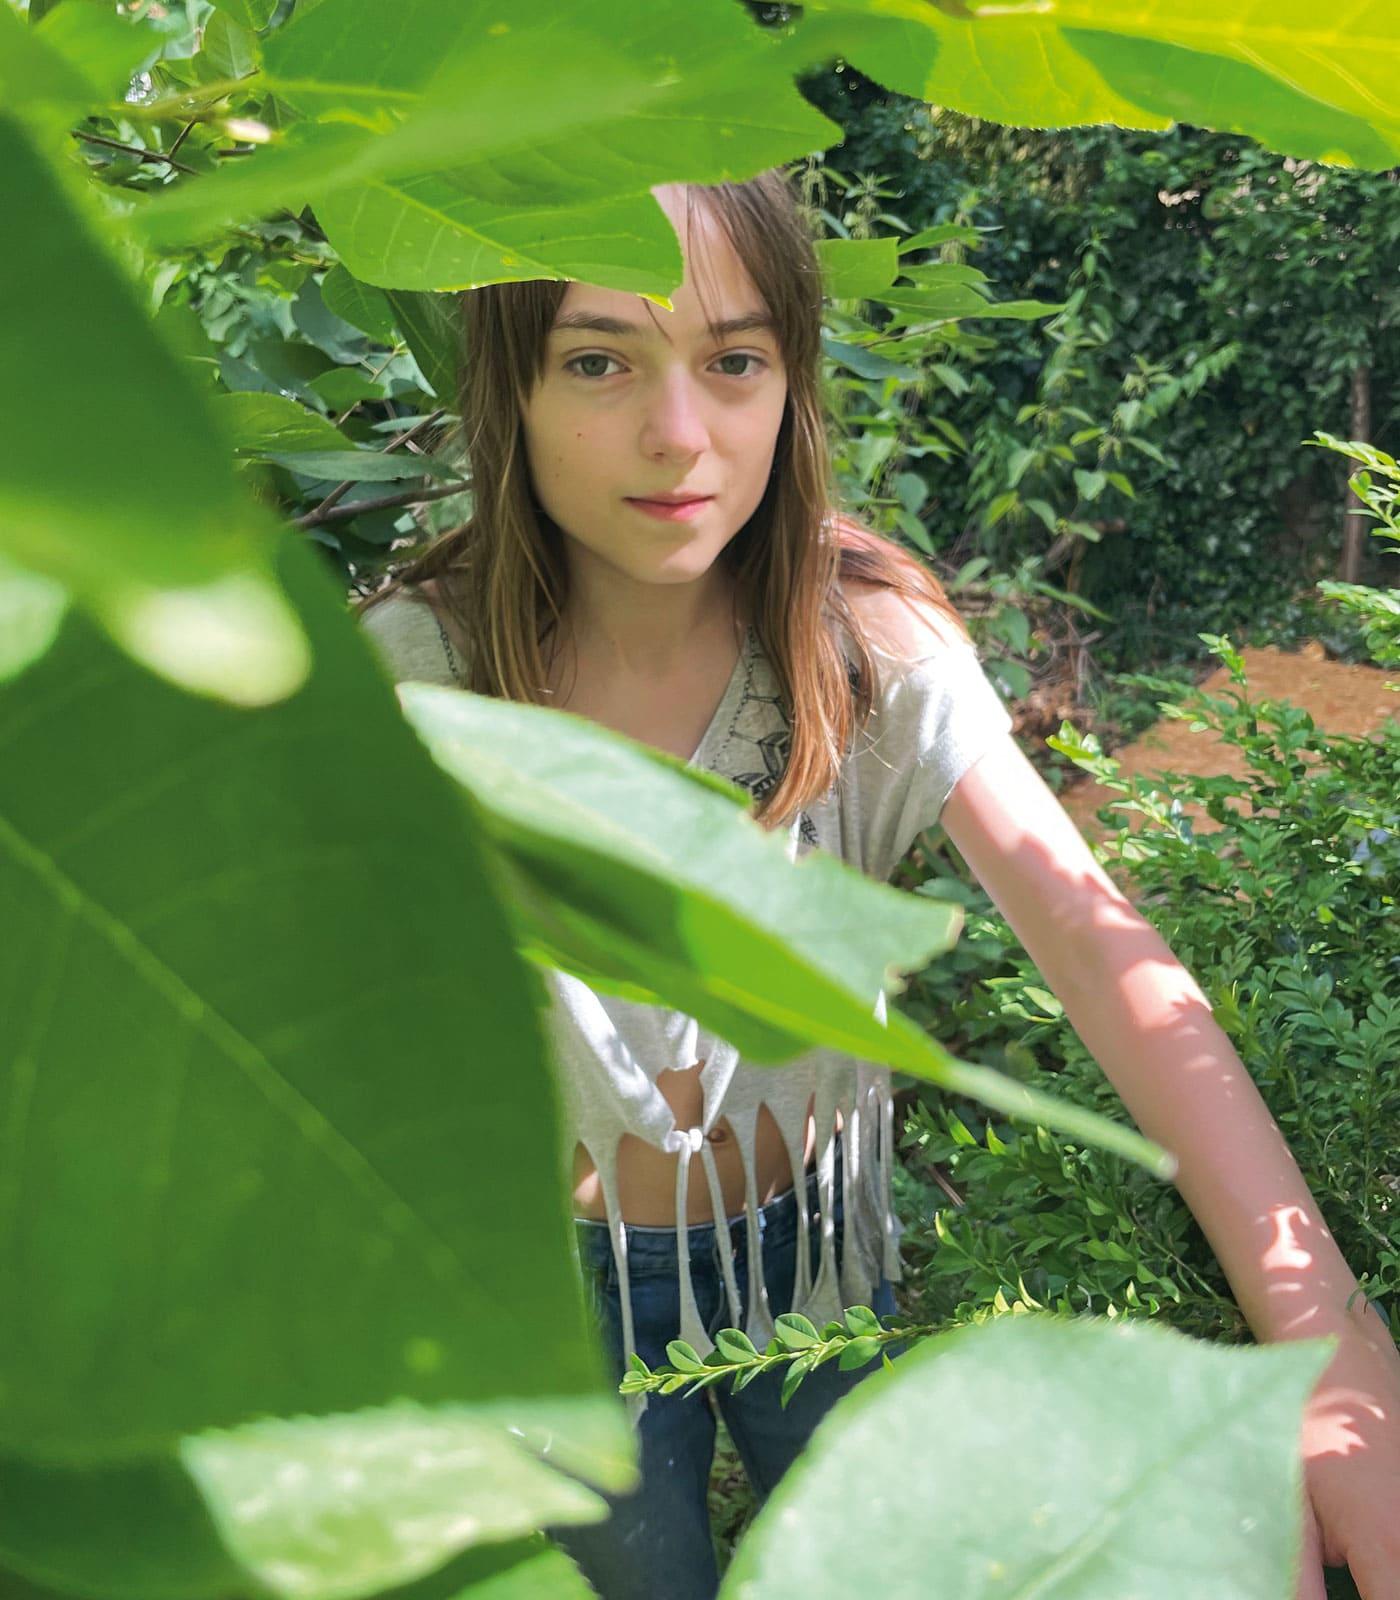 Kindermeinungen zu Umweltschutz, Klimaschutz, Zukunftsgedanken: Finja // HIMBEER